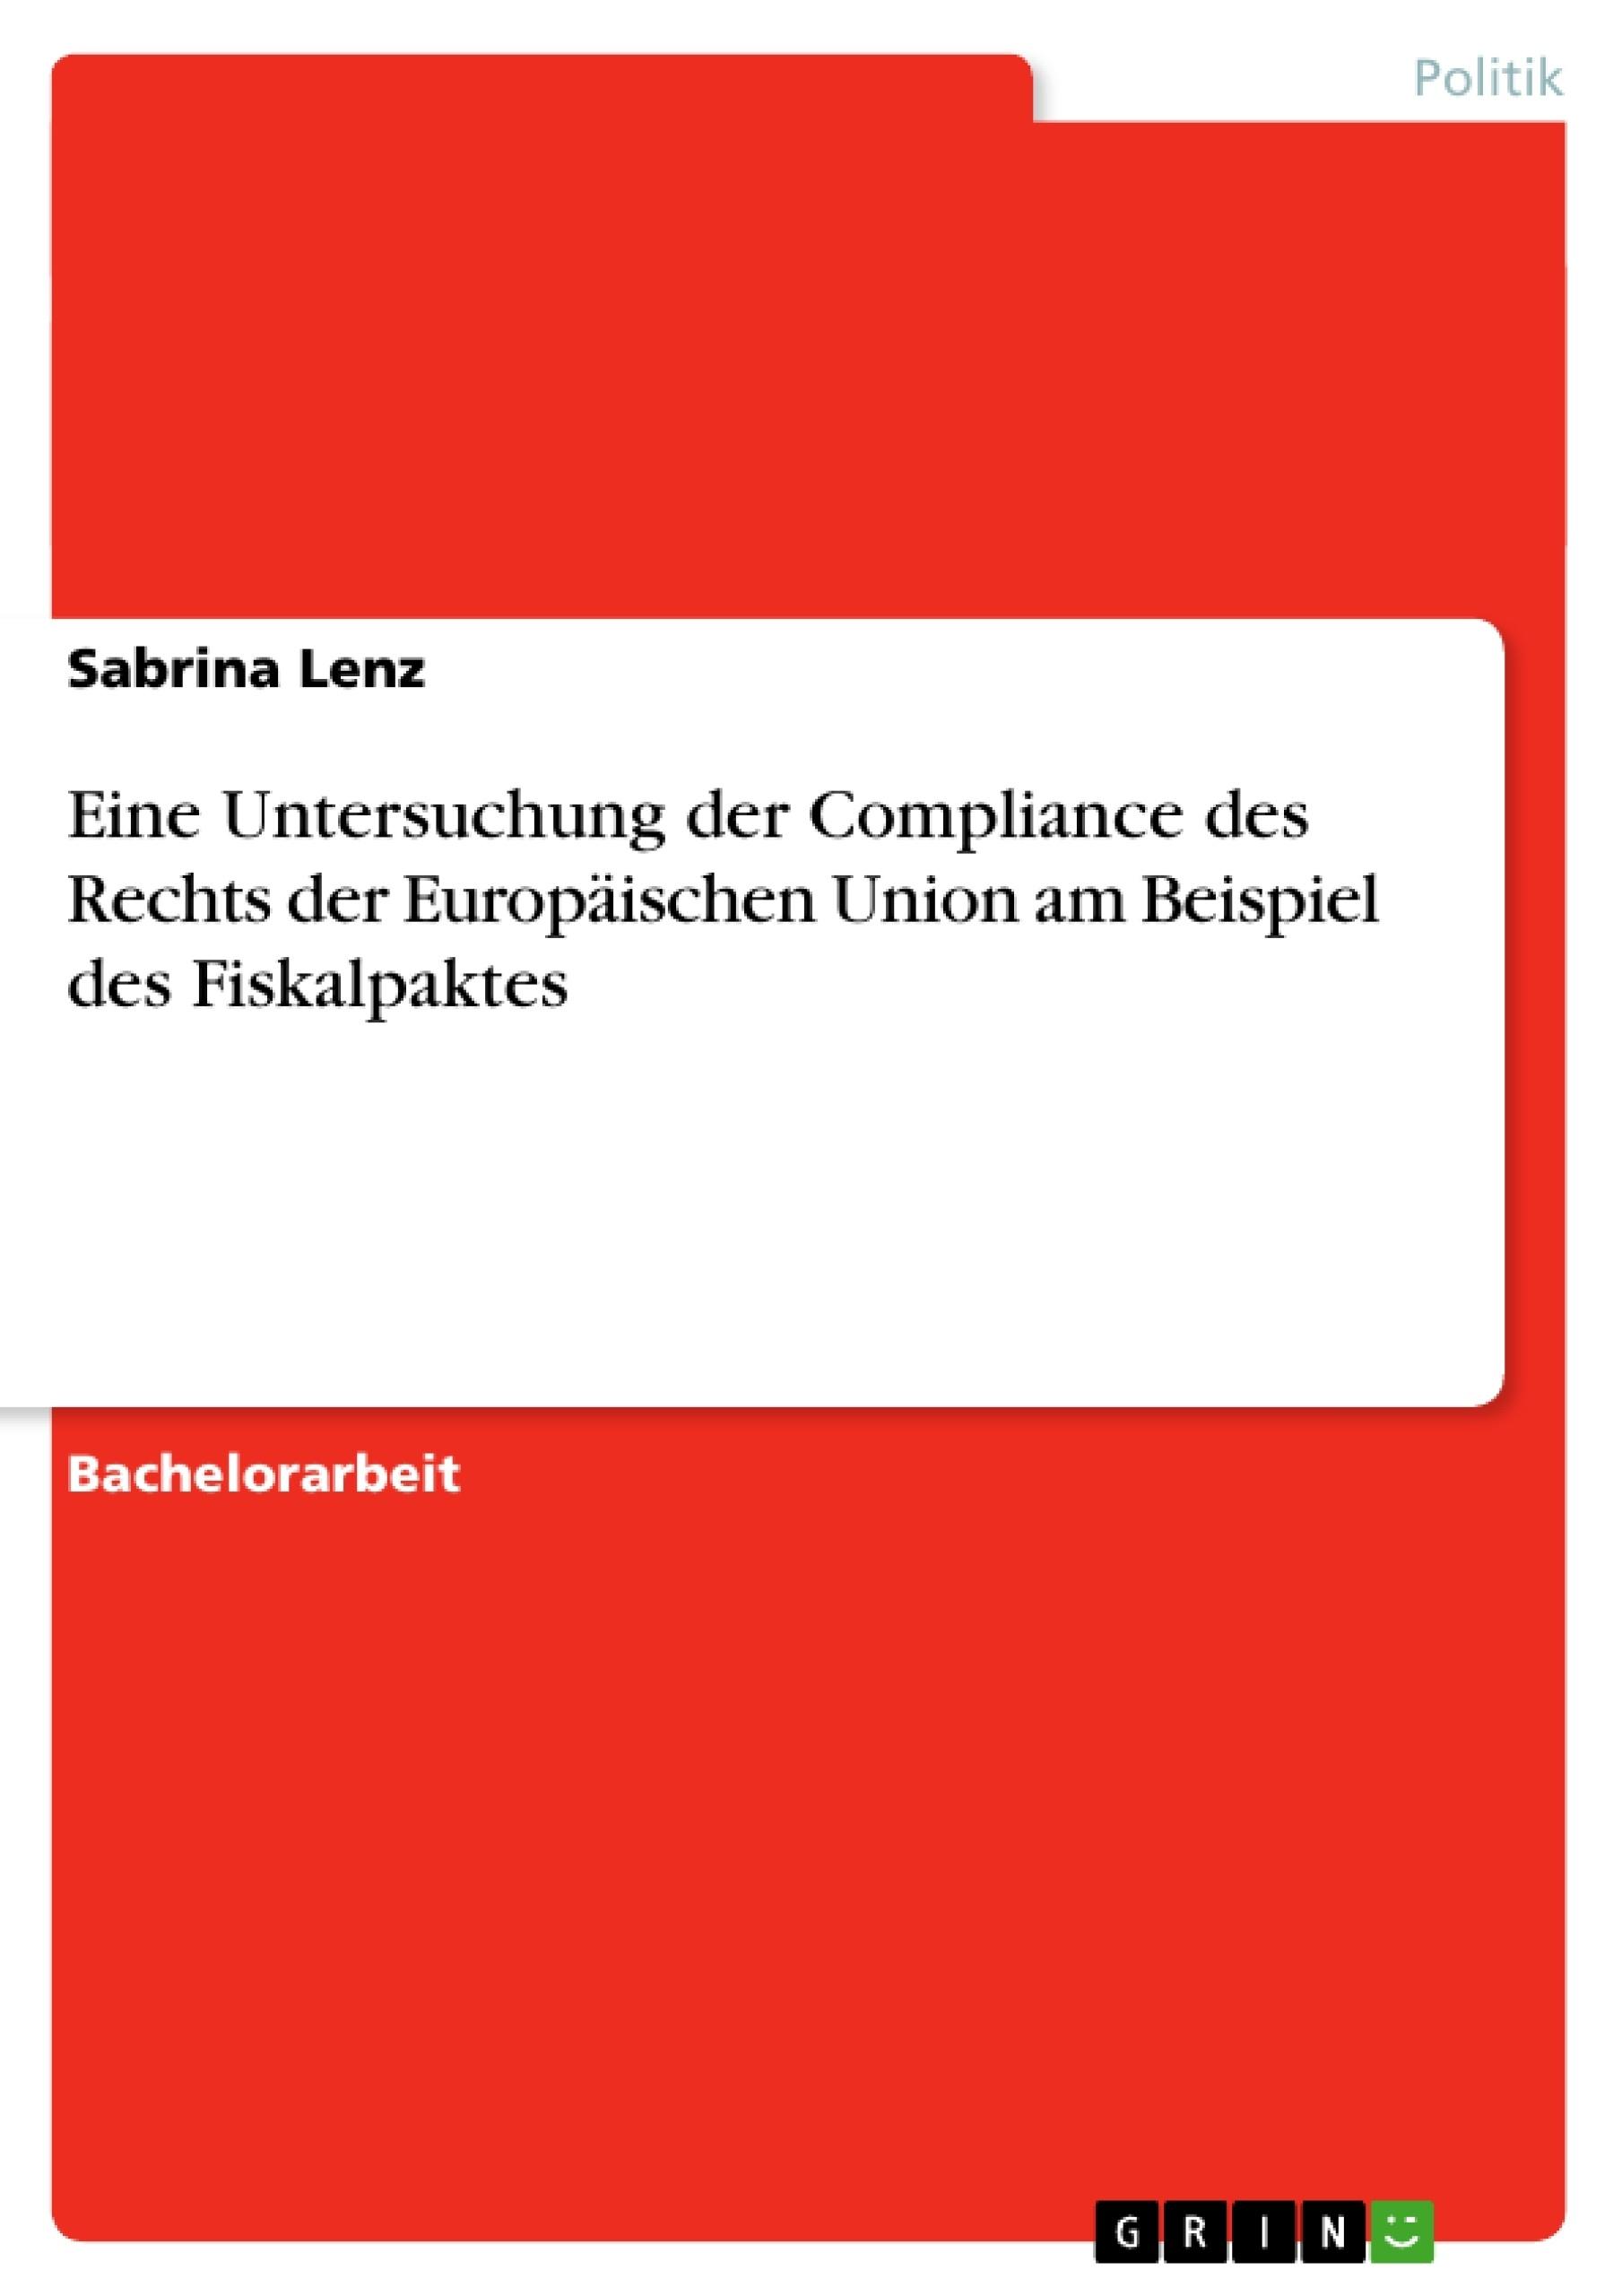 Titel: Eine Untersuchung der Compliance des Rechts der Europäischen Union am Beispiel des Fiskalpaktes